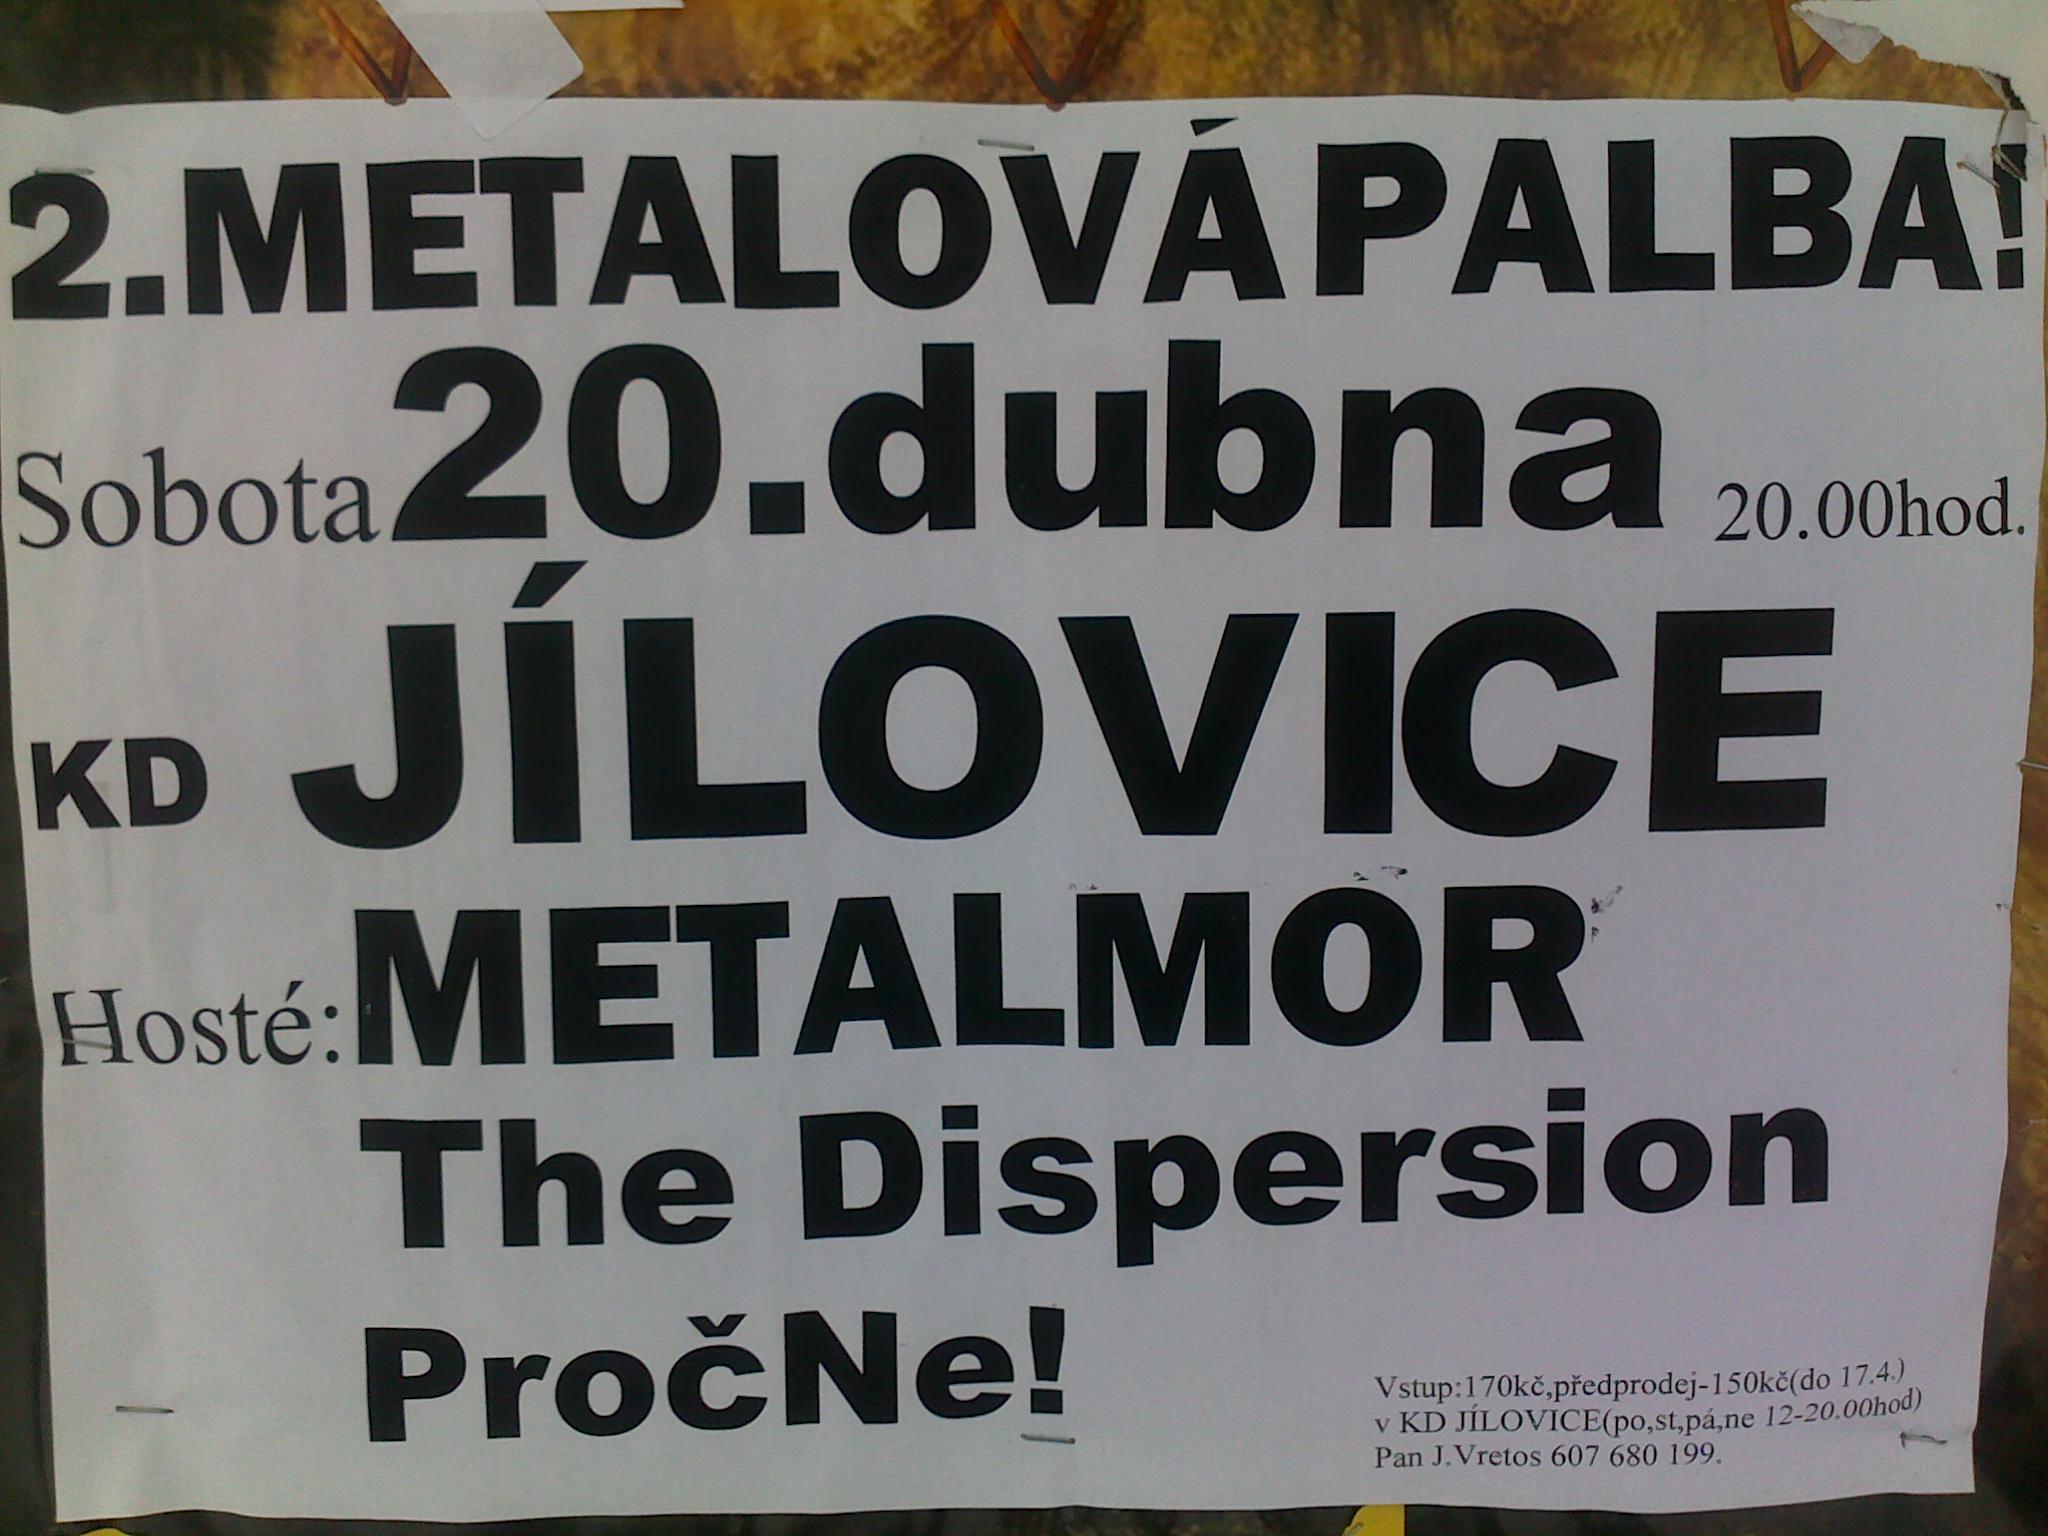 2. METALOV